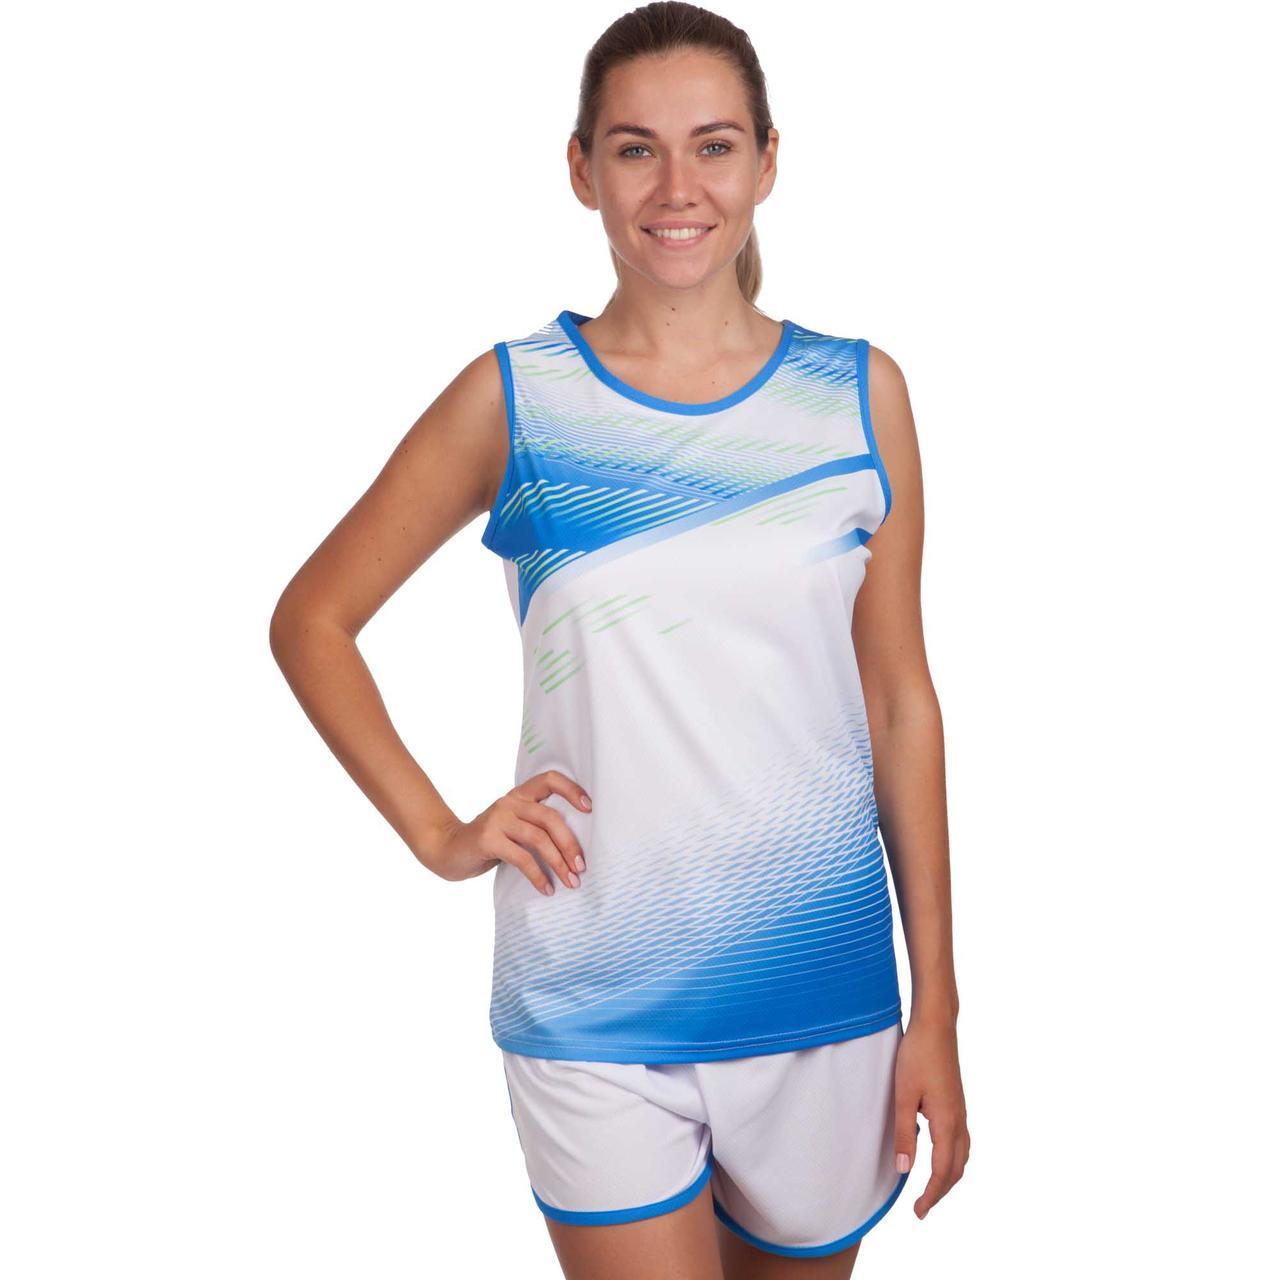 Форма для легкой атлетики женская LD-8312 (полиэстер, р-р S-3XL-145-175см, цвета в ассортименте)